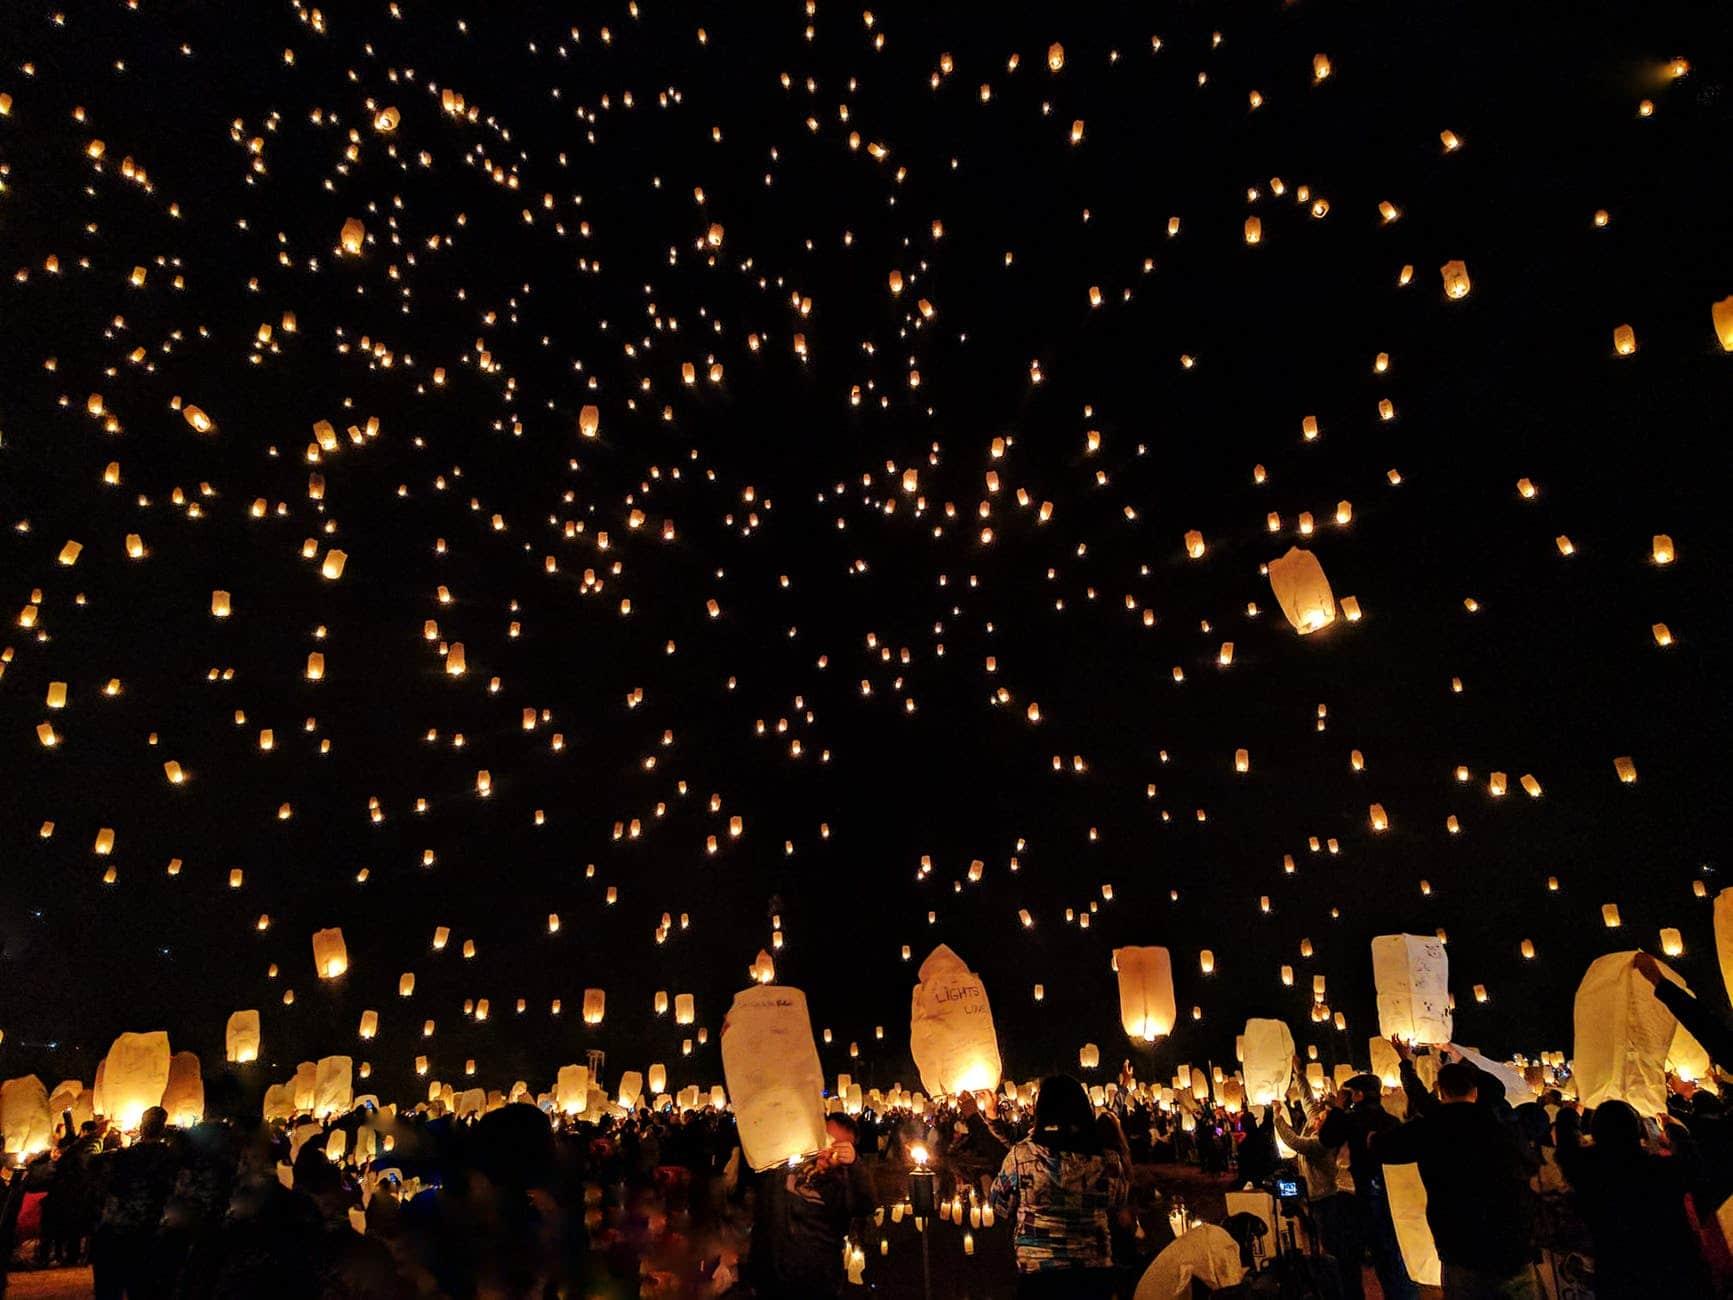 Céu noturno iluminado com pequenos balões brancos, cada um com uma vela acesa dentro.